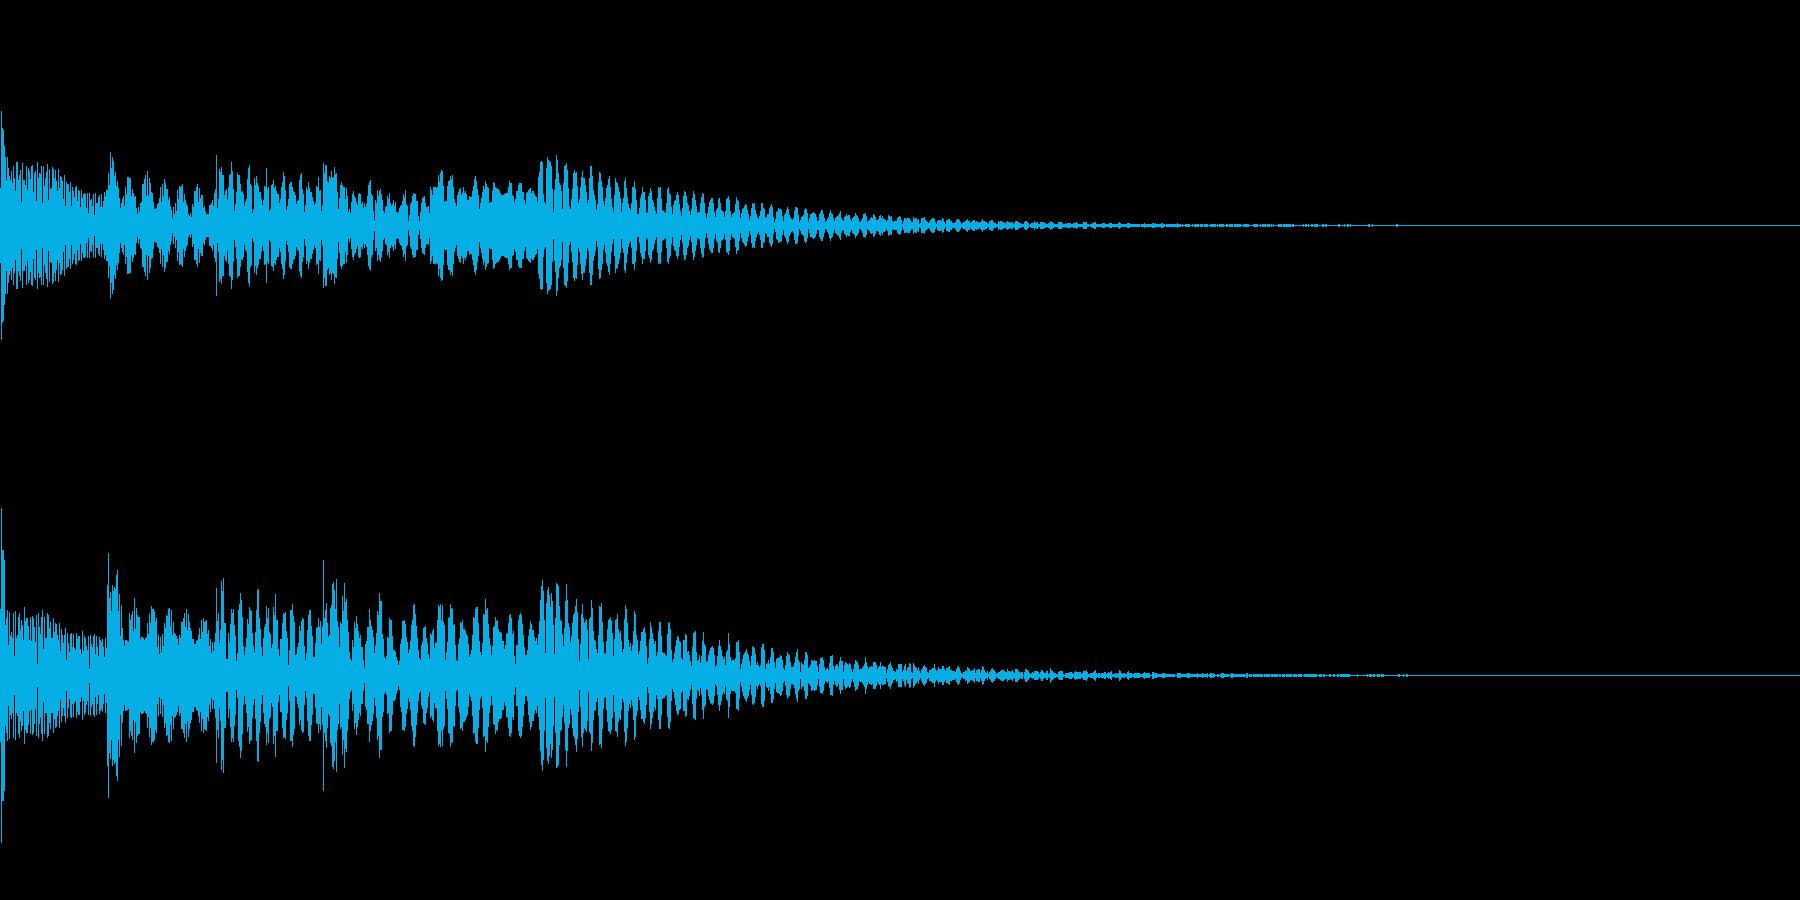 アイテム入手音1【ポロロポロロン】の再生済みの波形